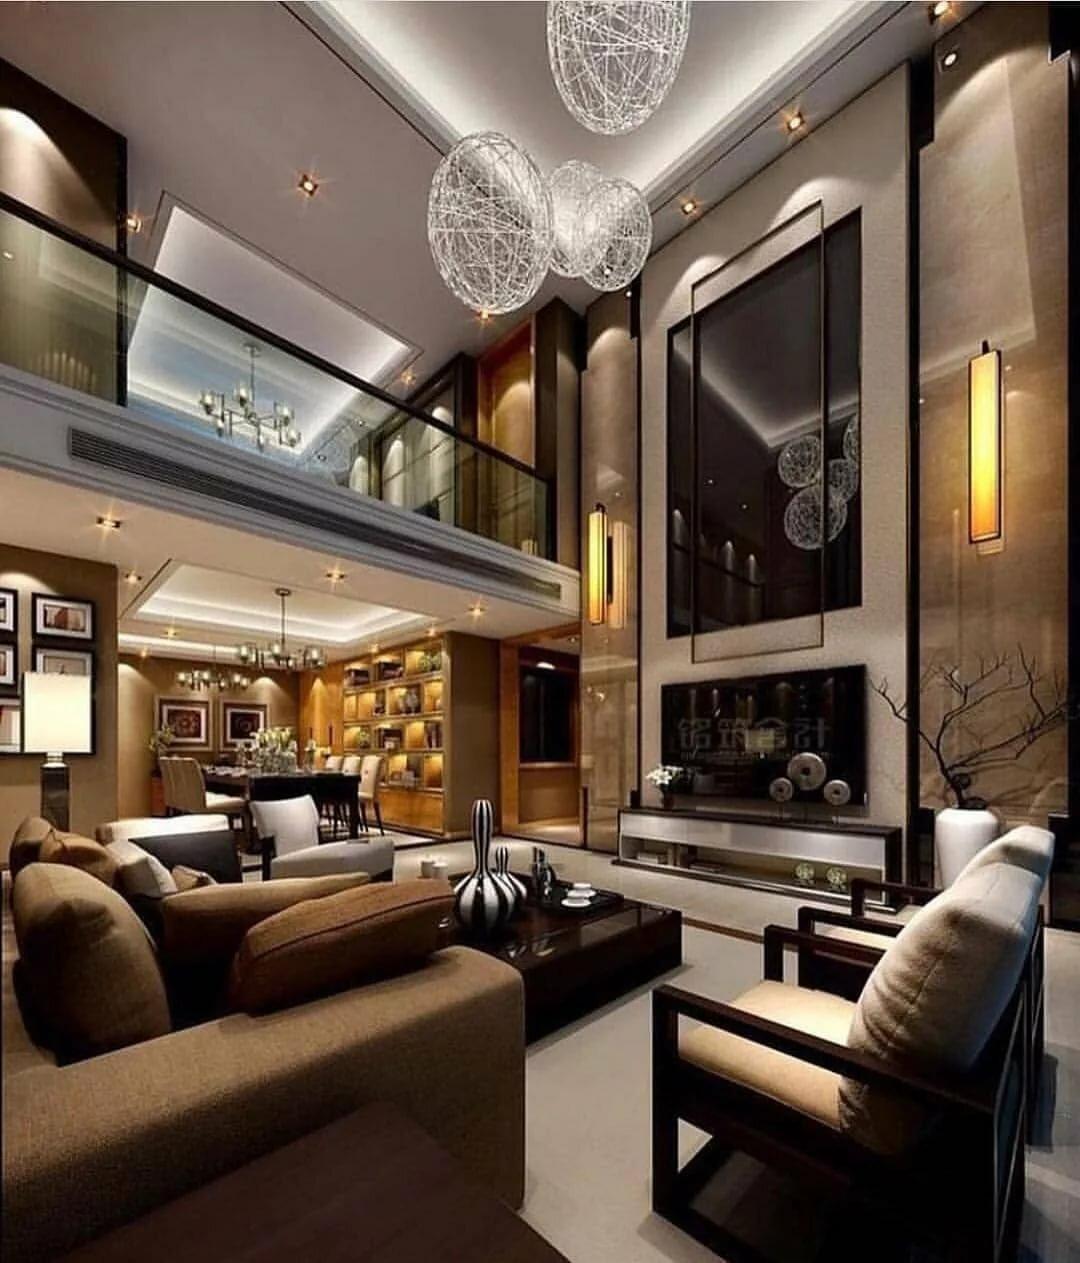 families luxury interior designer - 736×888